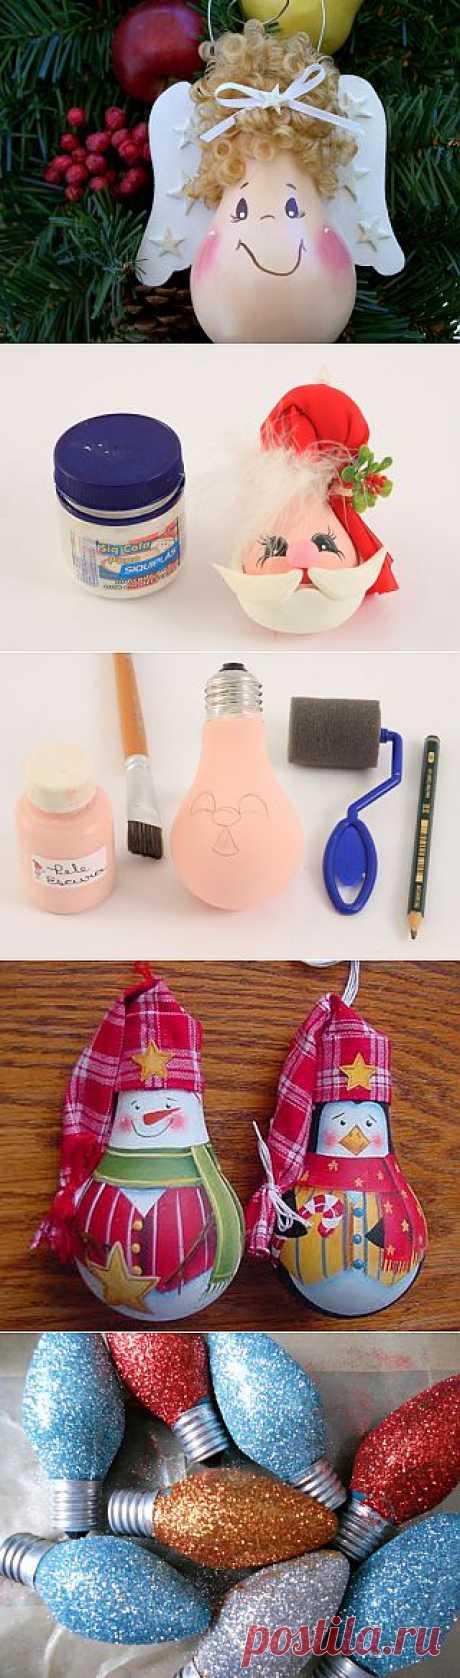 Hacemos los juguetes de las bombillas que se han quemado. Las ideas y las clases maestras.